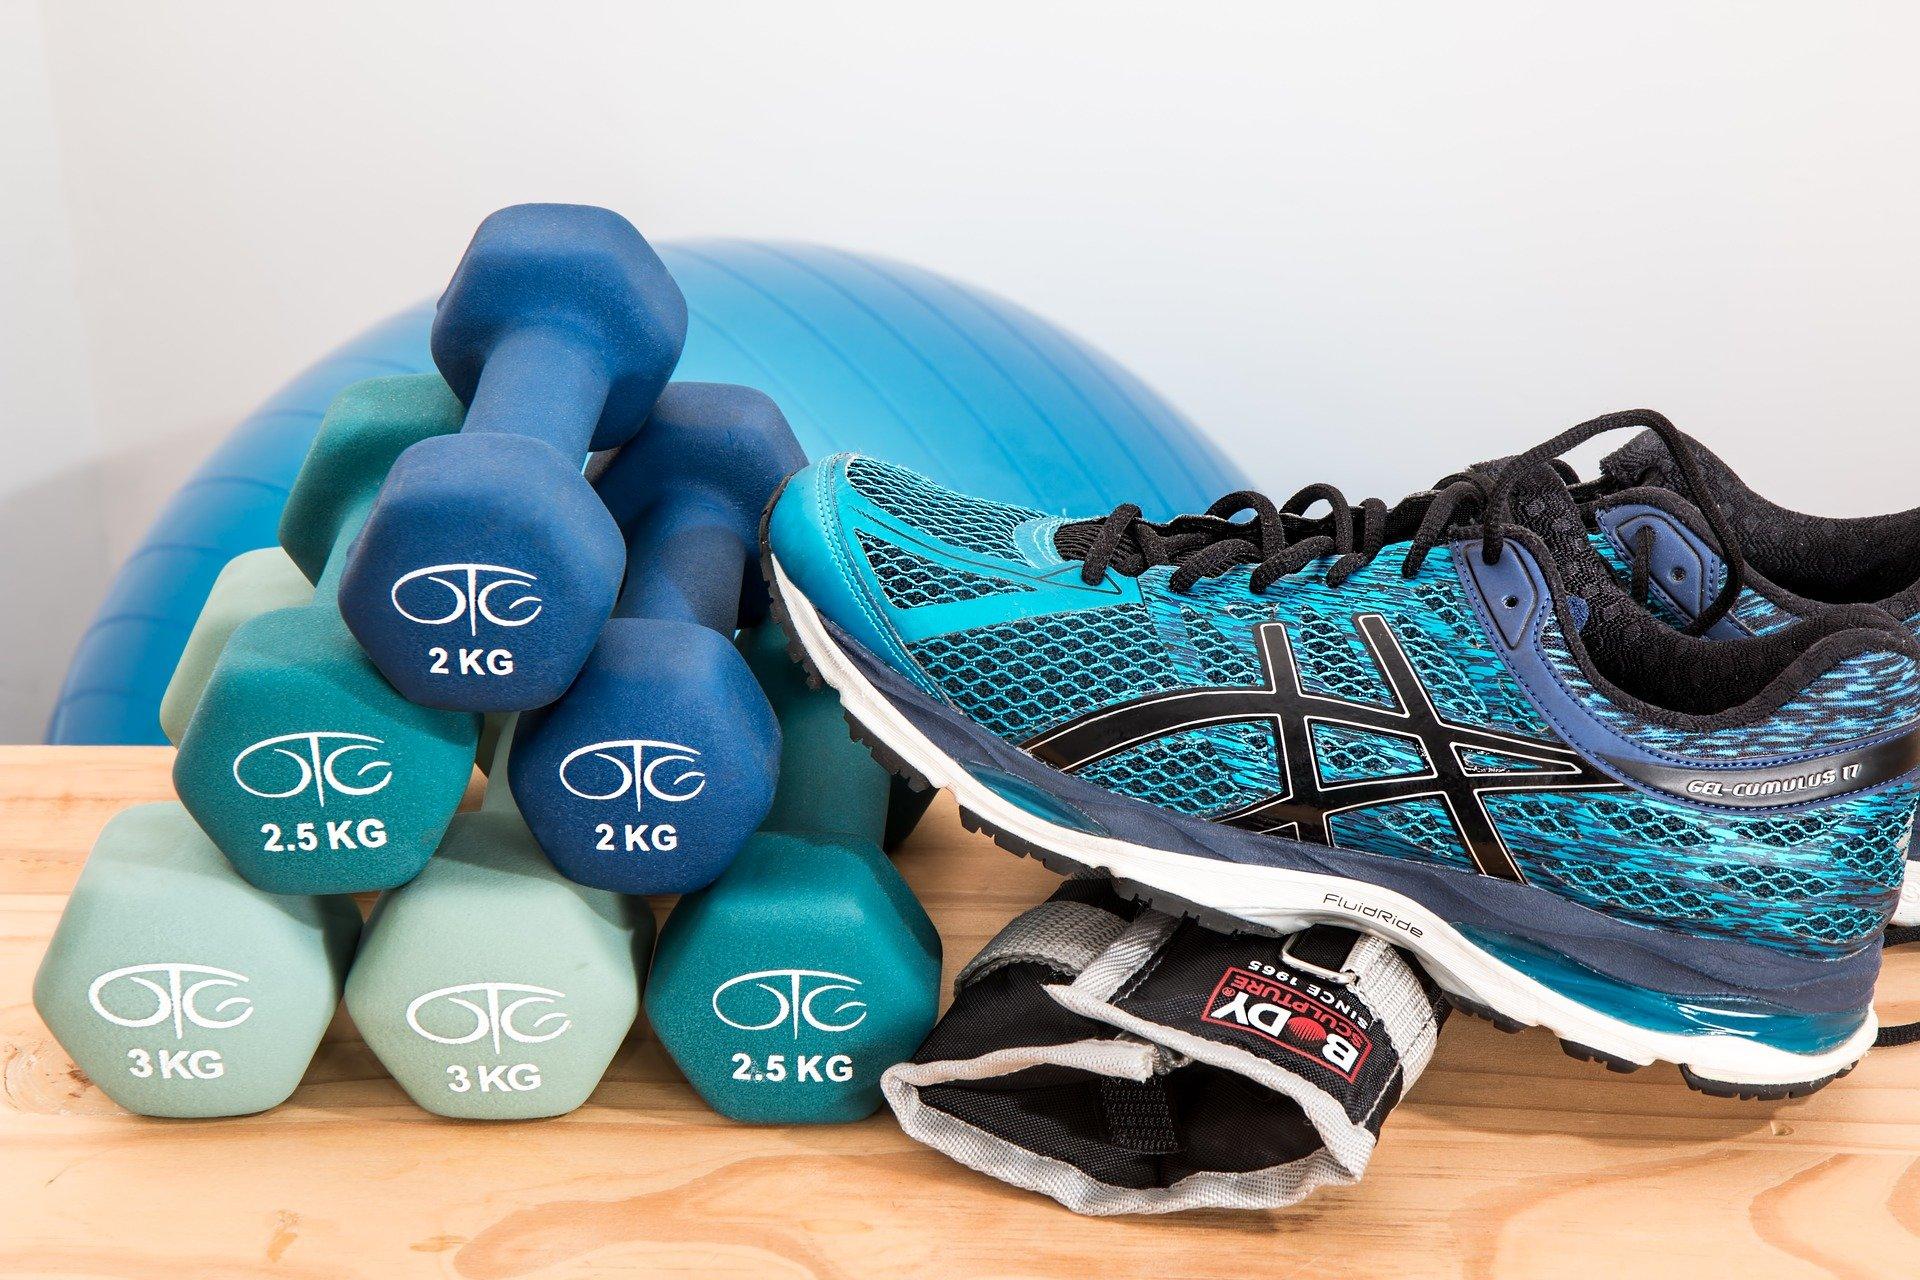 Cvičit, nebo necvičit při ketodietě? Nic se nemá přehánět